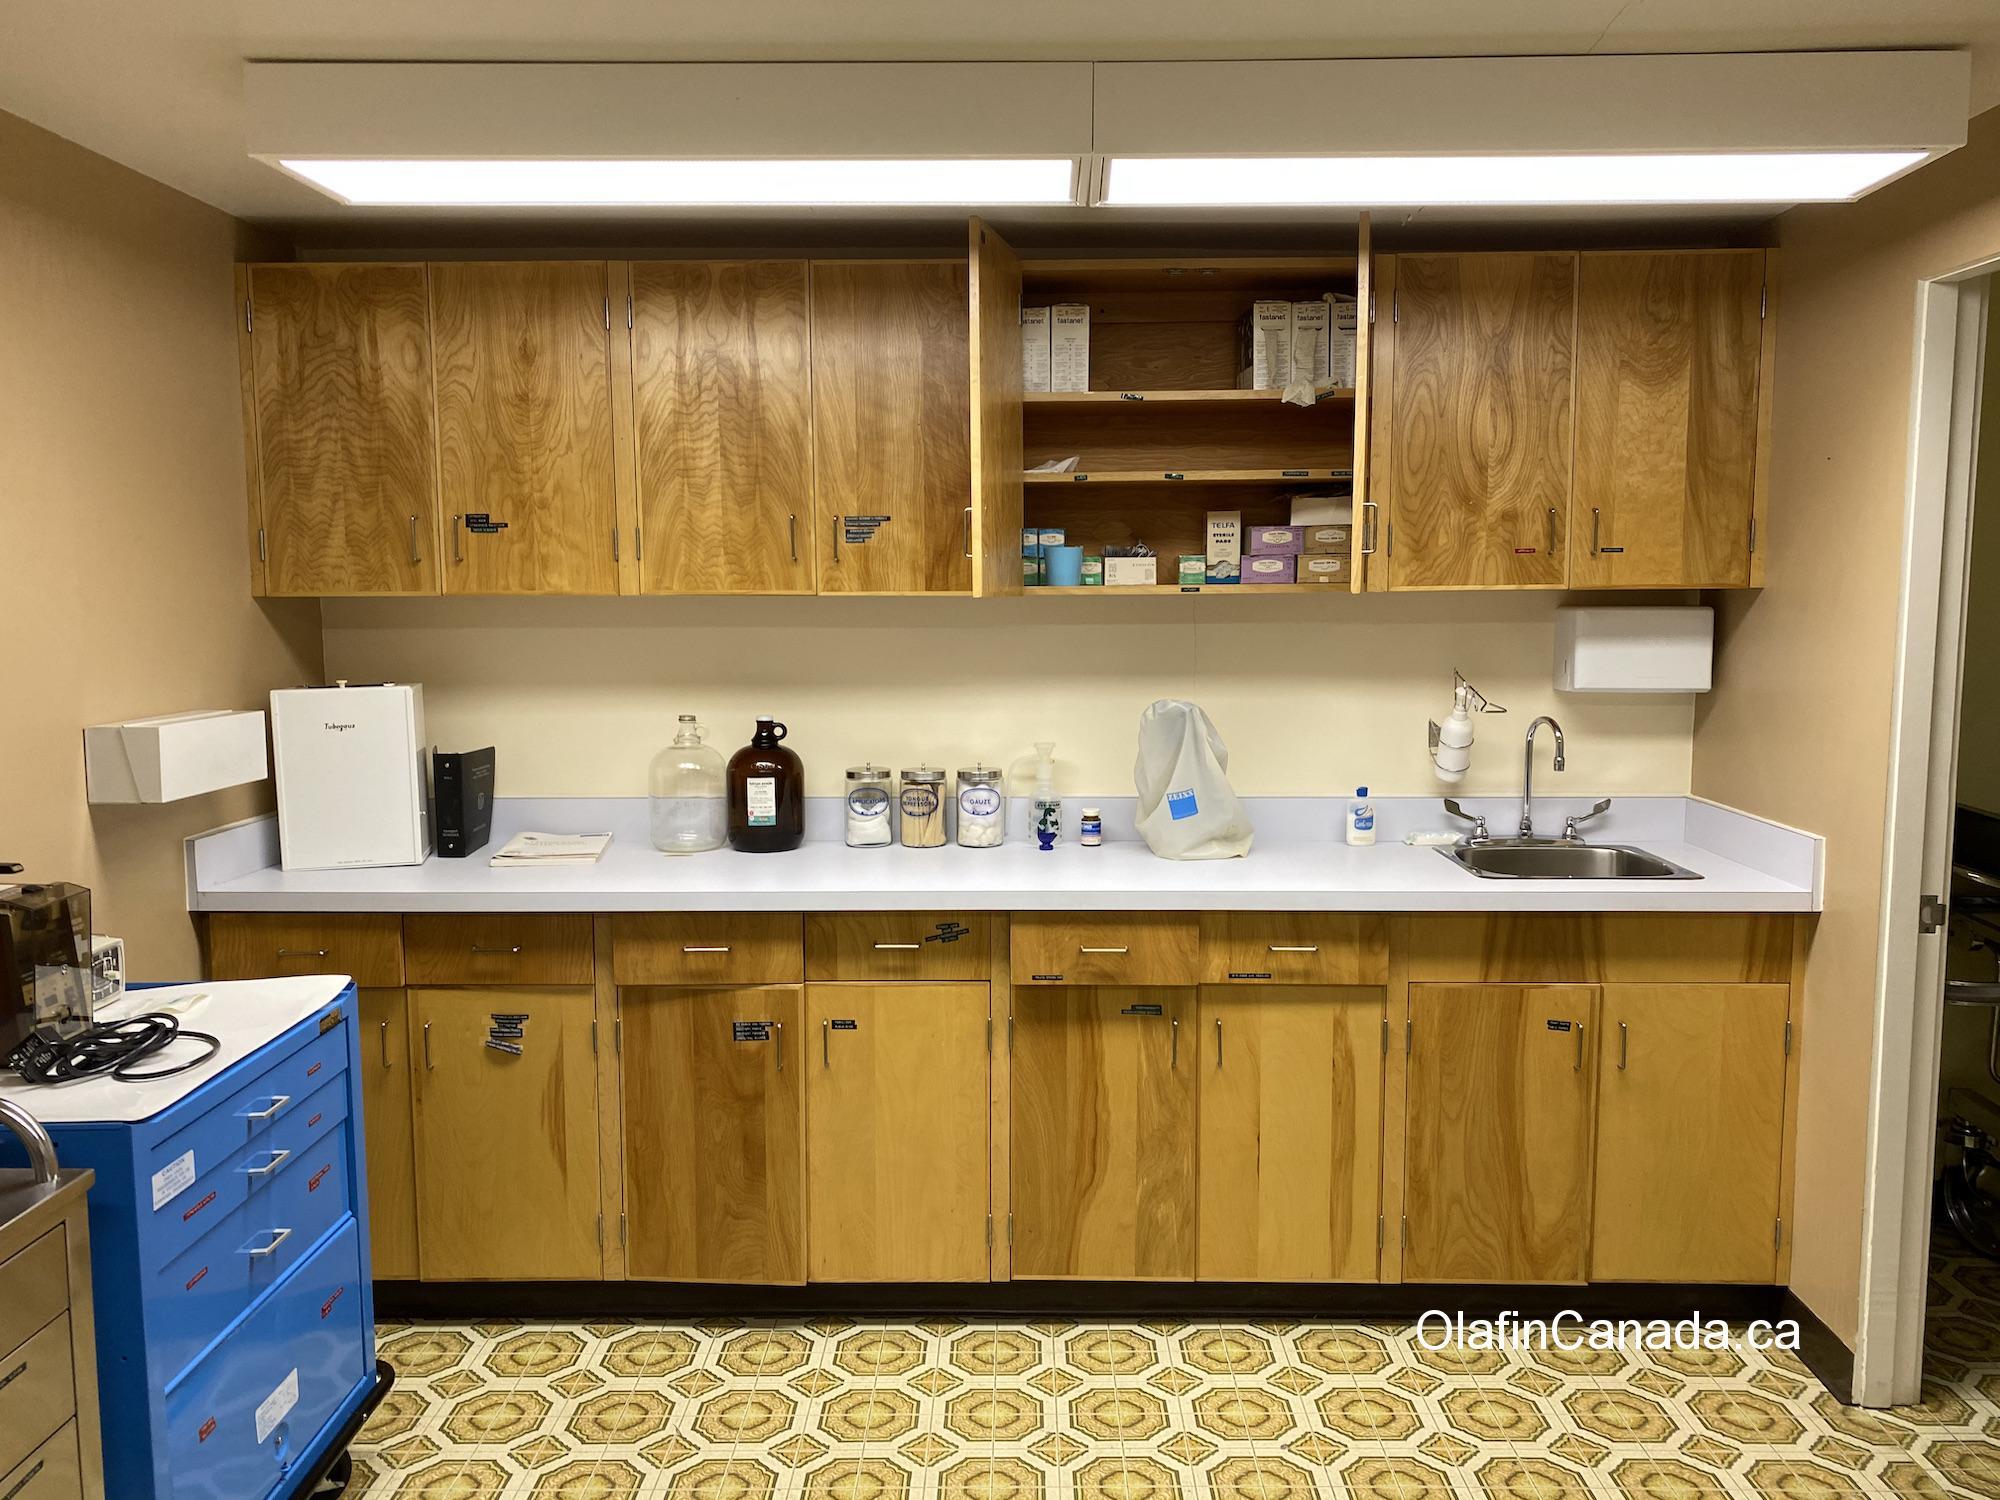 Hospital cabinets filled with medicine, syringes etc. in Kitsault #olafincanada #britishcolumbia #discoverbc #abandonedbc #kitsault #hospital